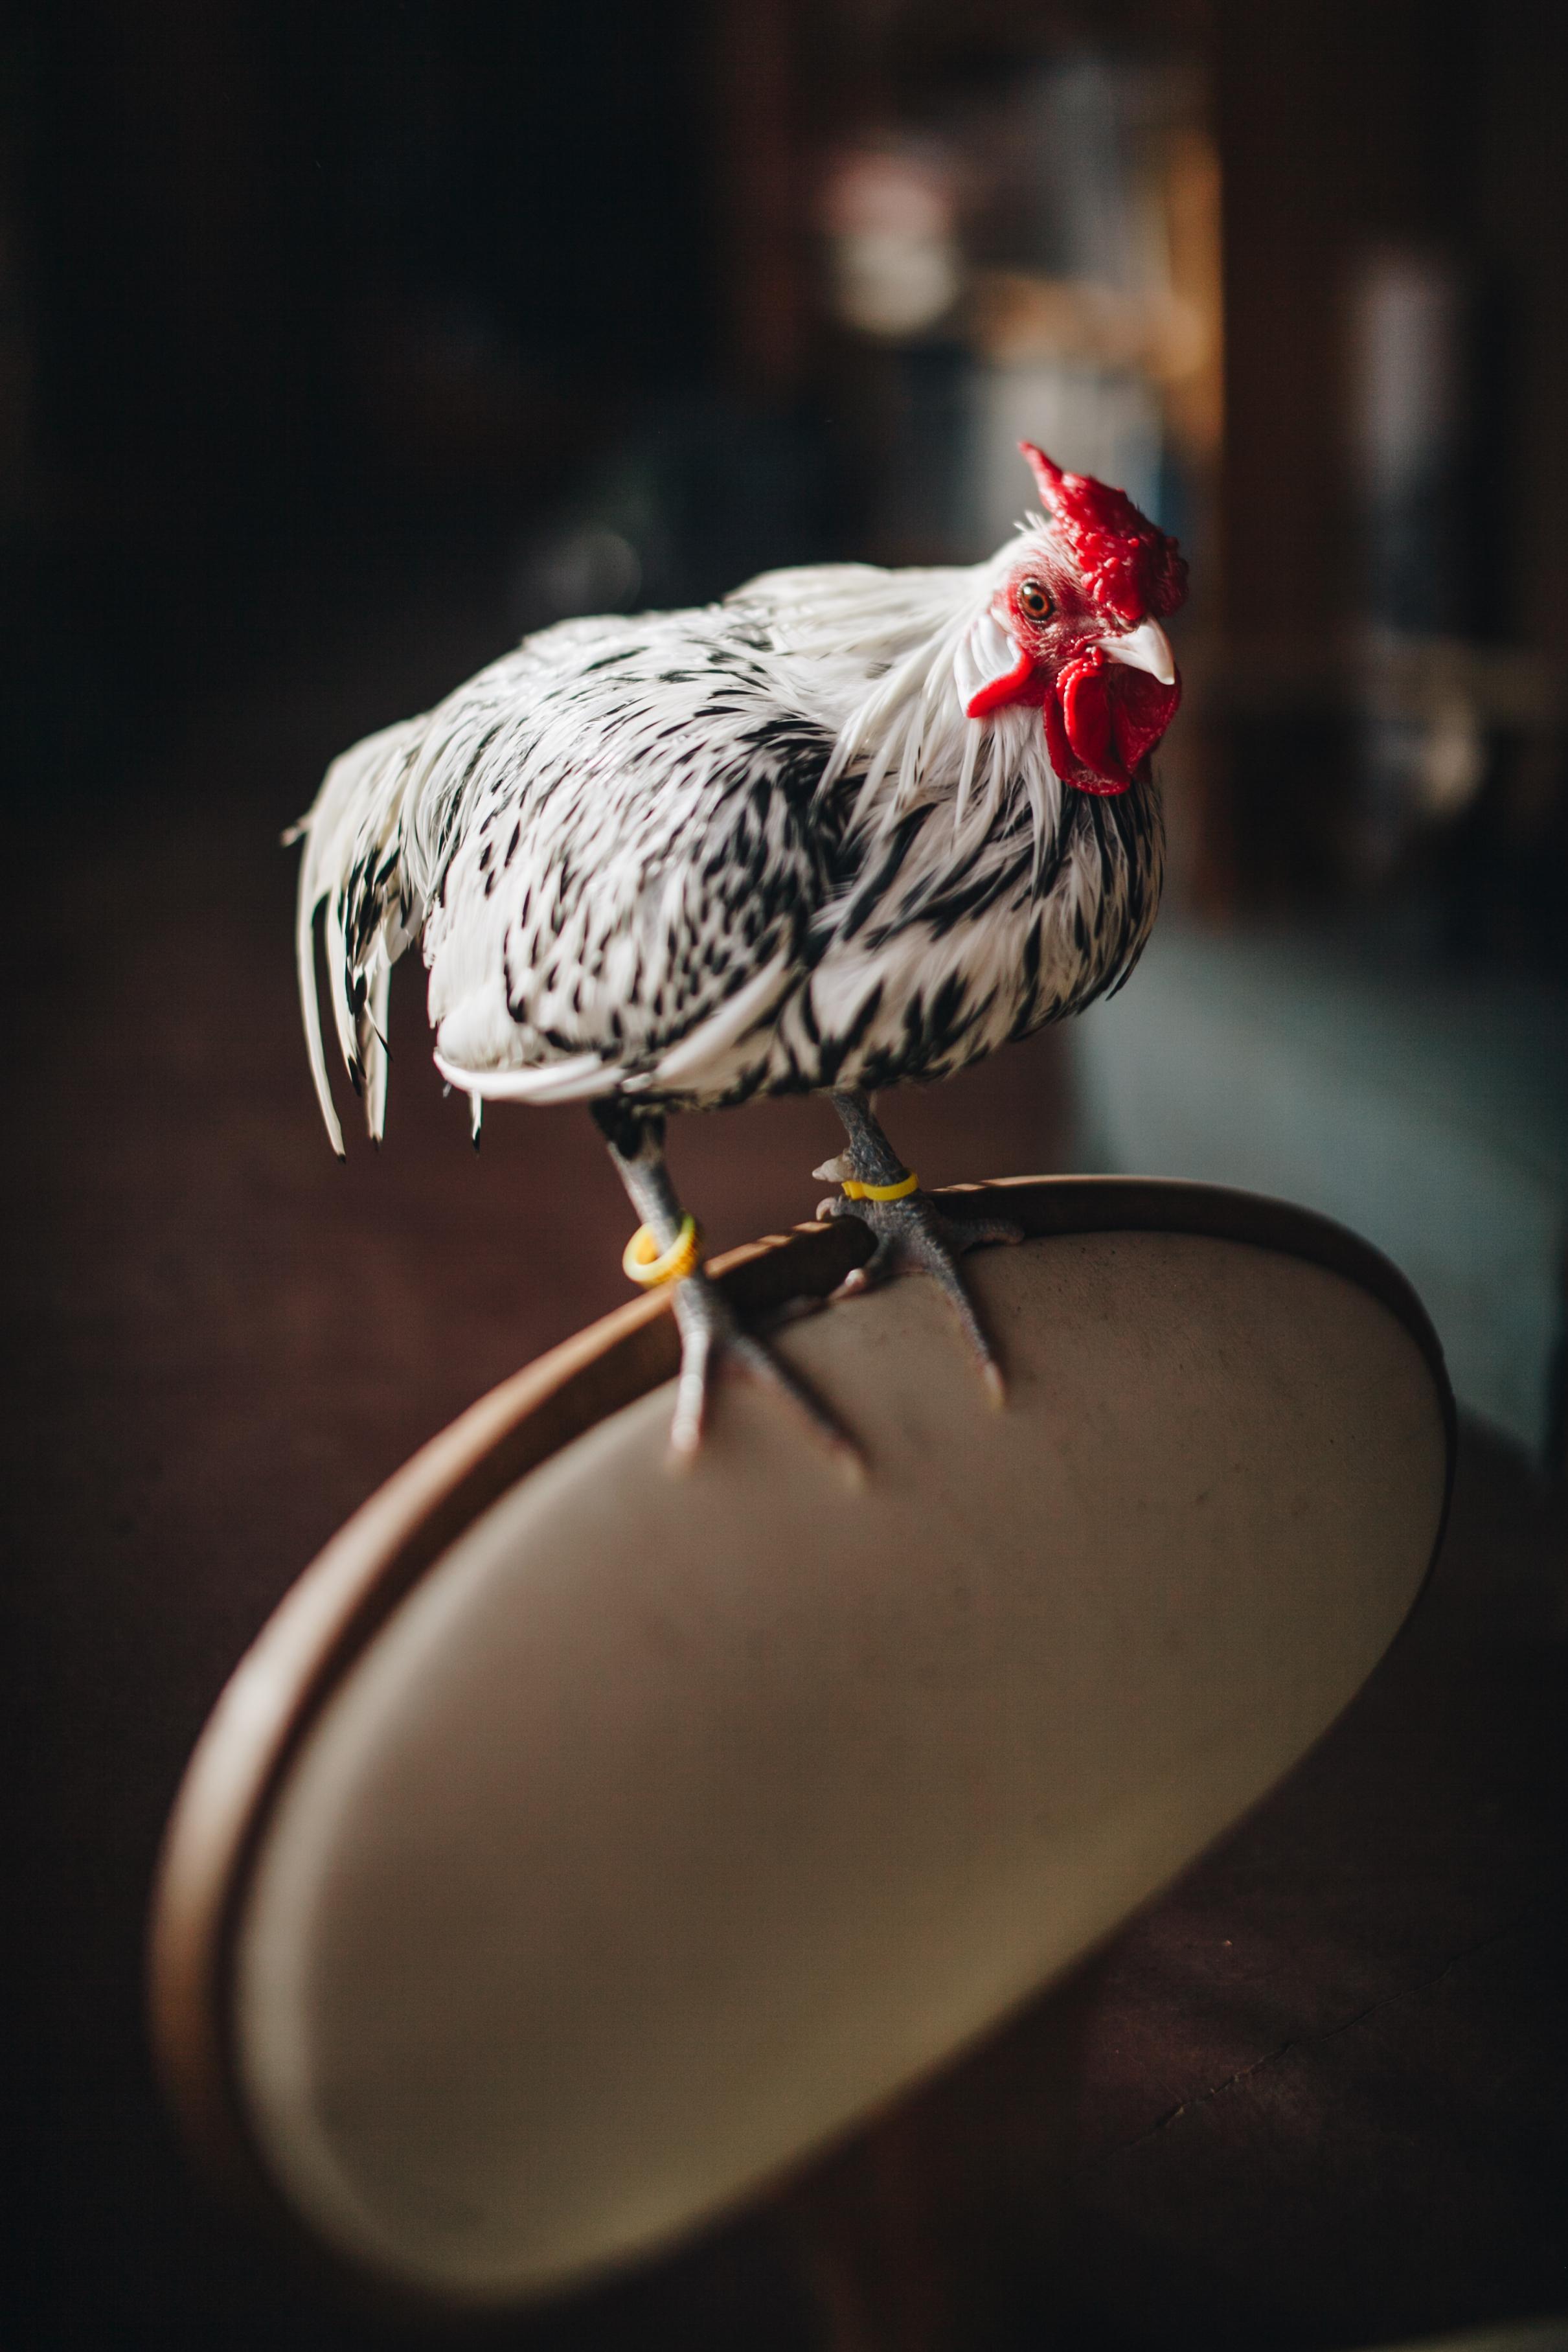 raven-chickens-7868.jpg